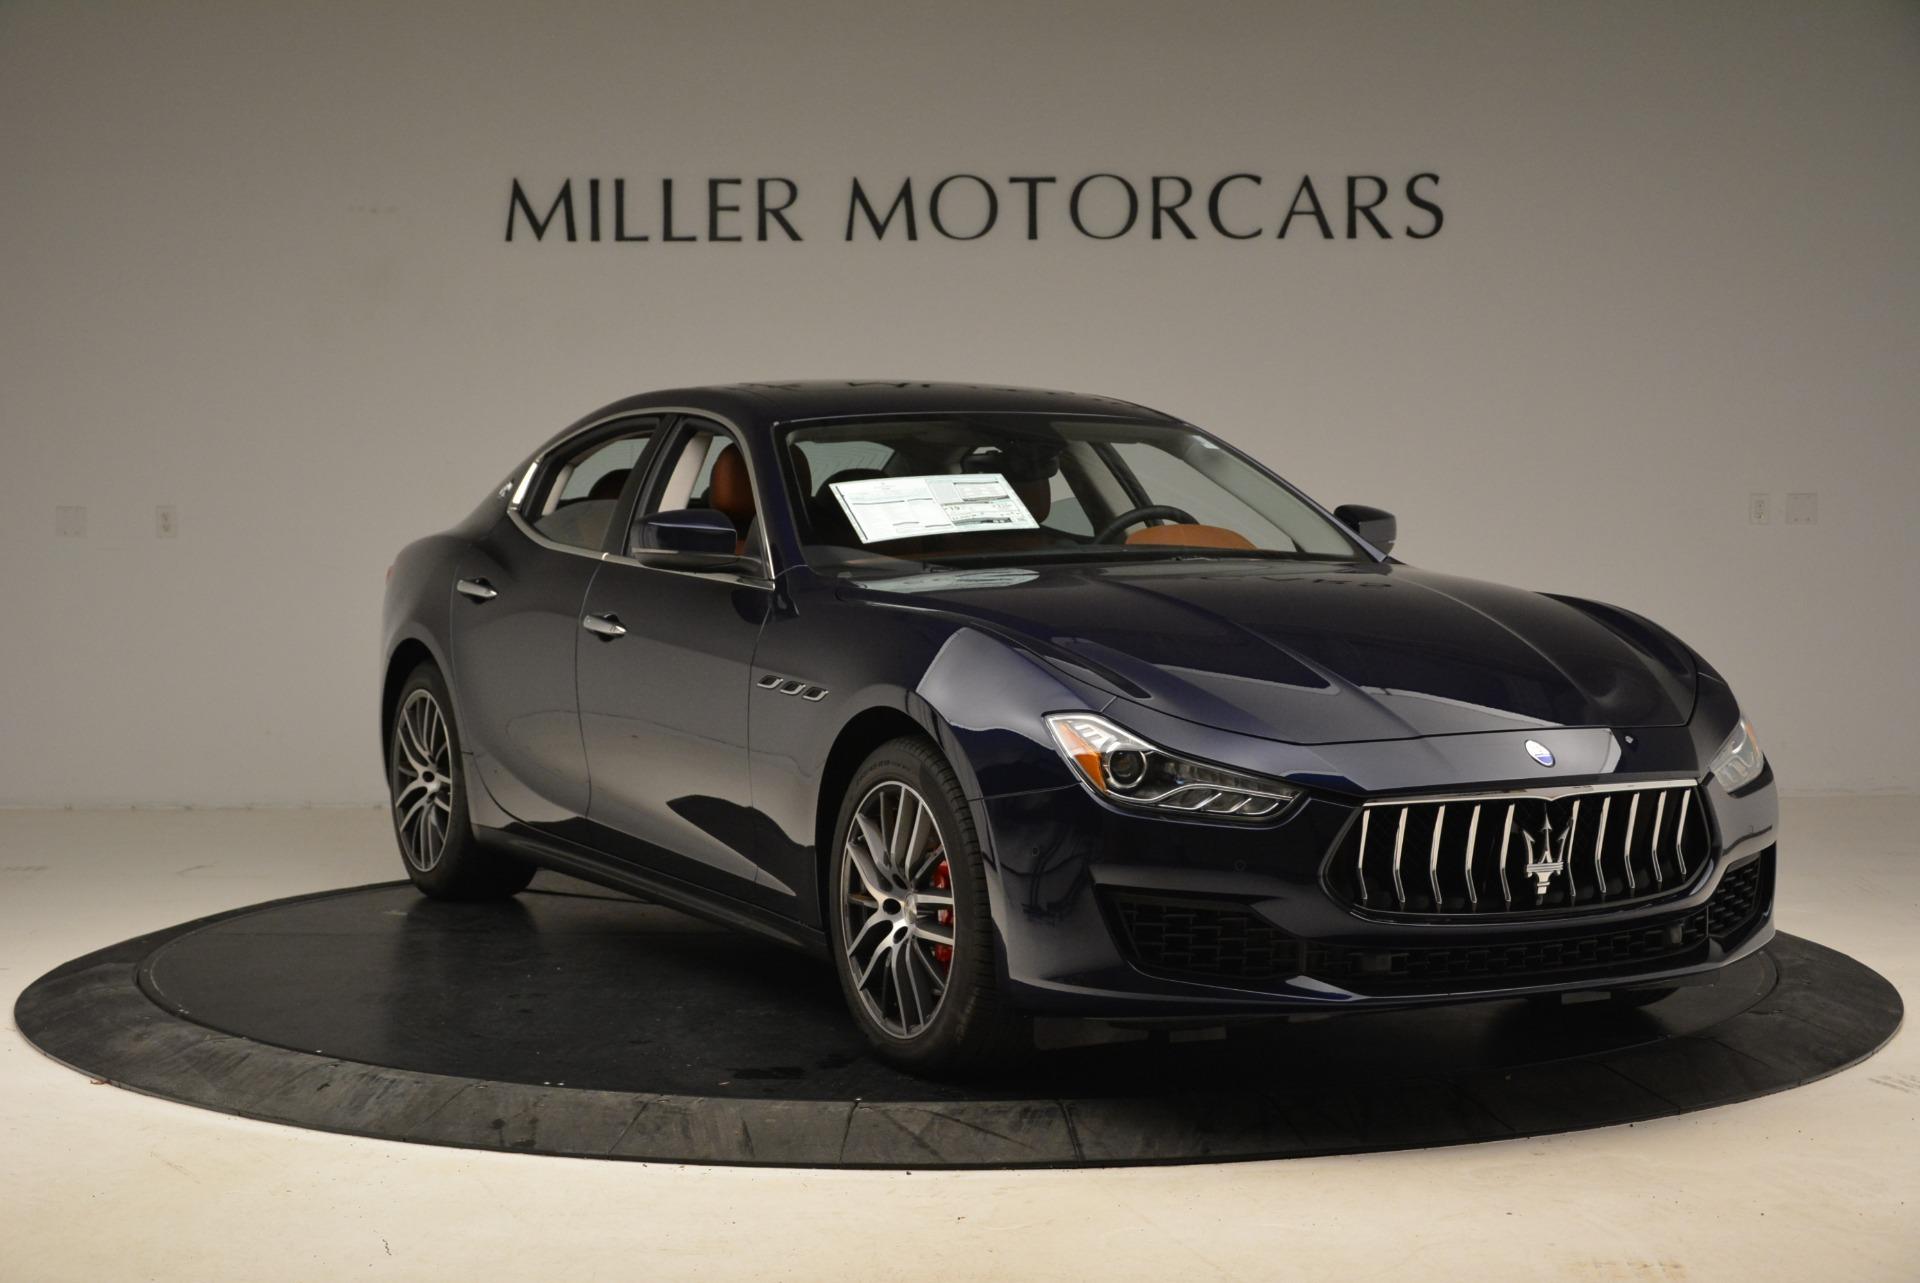 New 2019 Maserati Ghibli S Q4 For Sale In Greenwich, CT 2794_p12